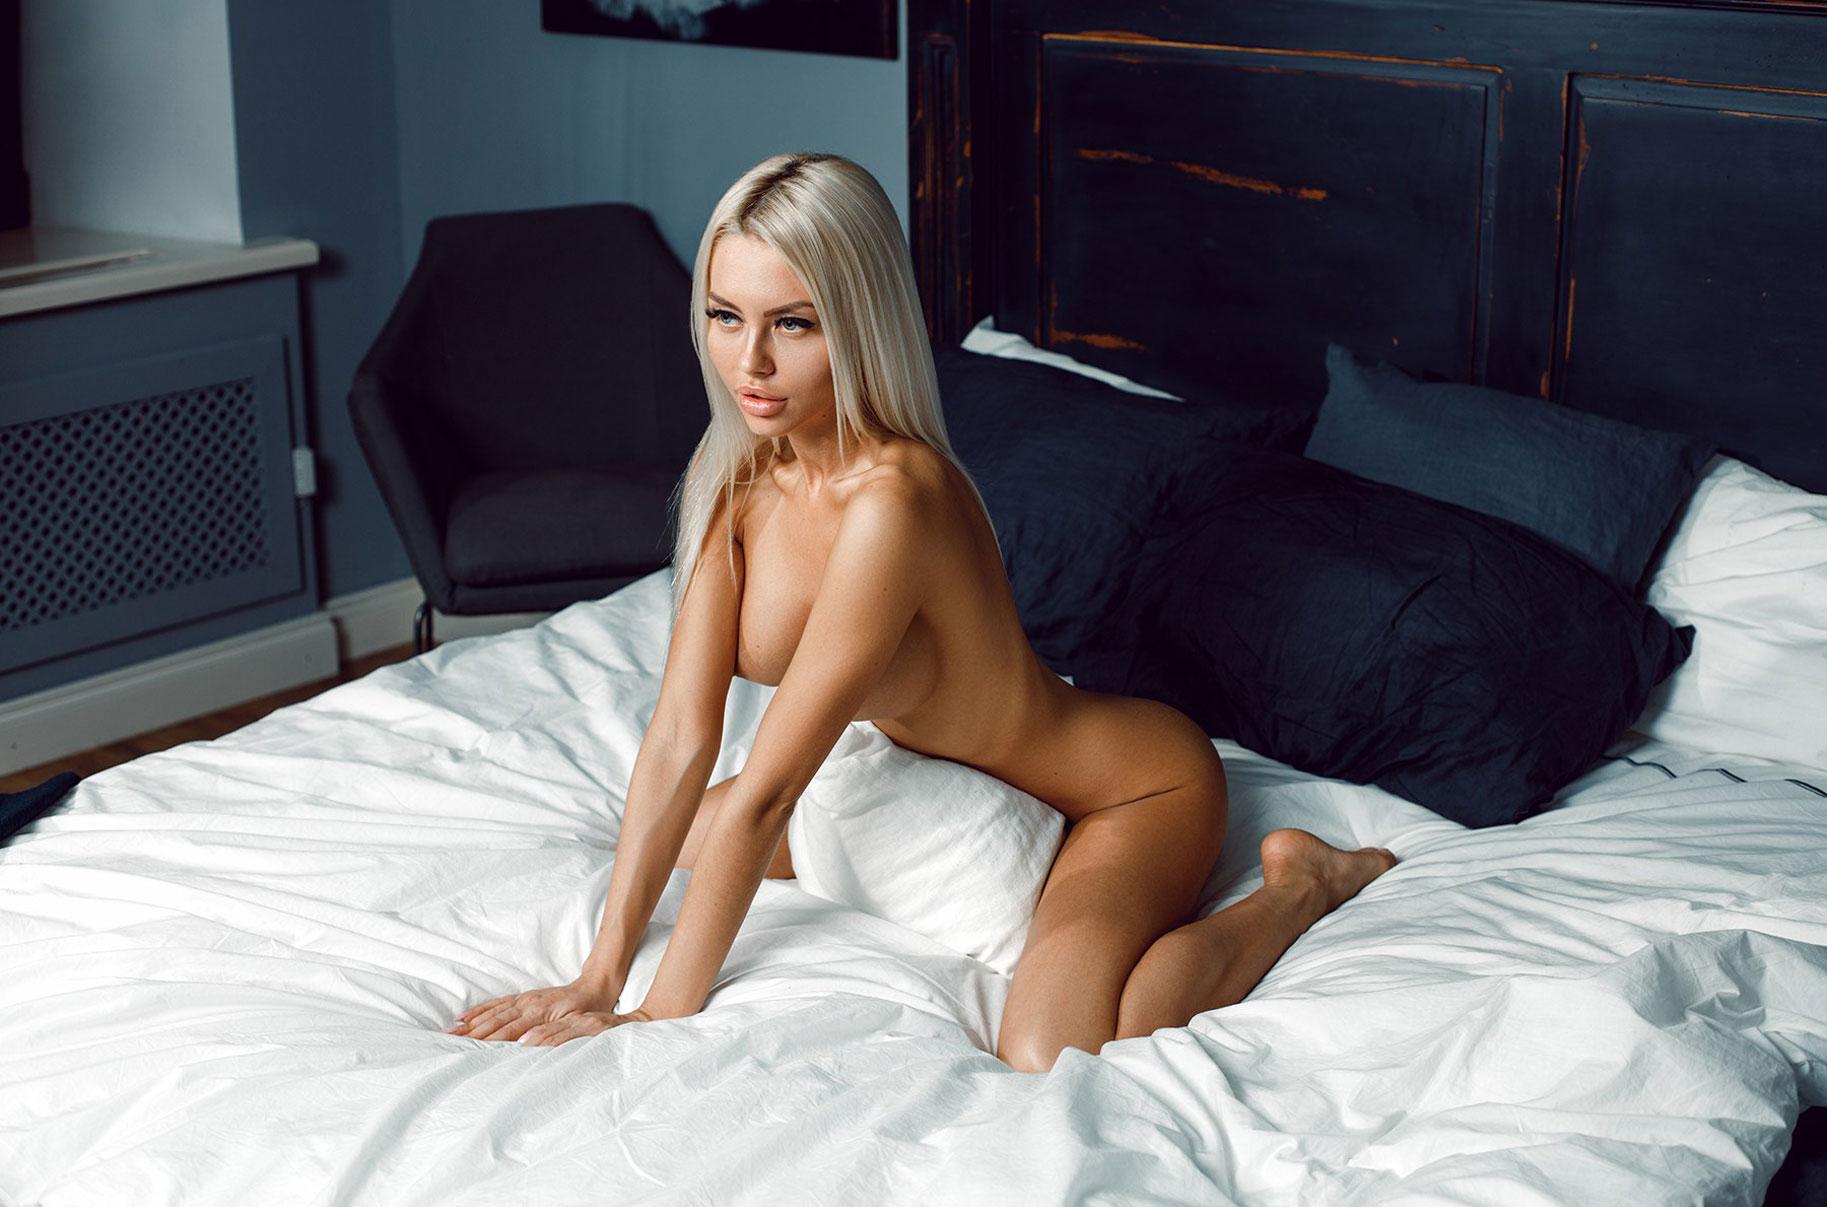 Анастасия Щеголева - модель с большой грудью / фото 14